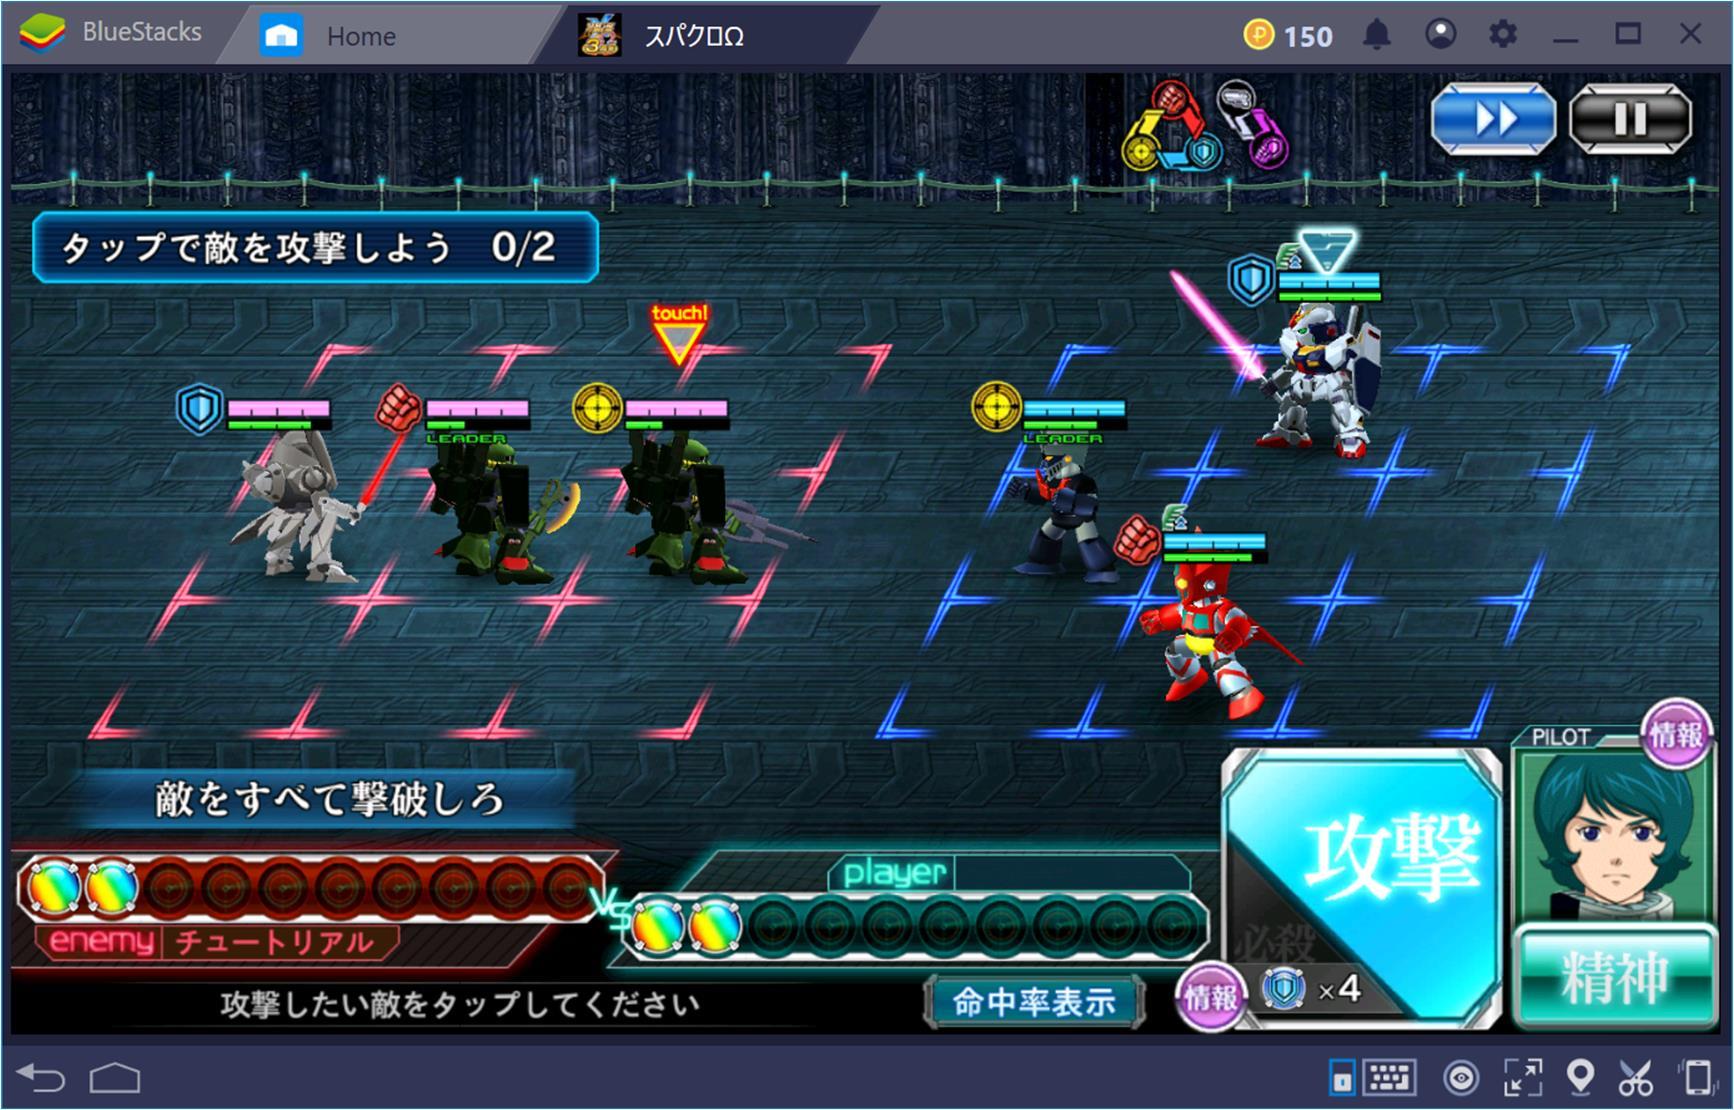 BlueStacksを使ってPCで スーパーロボット大戦X-Ω を遊ぼう